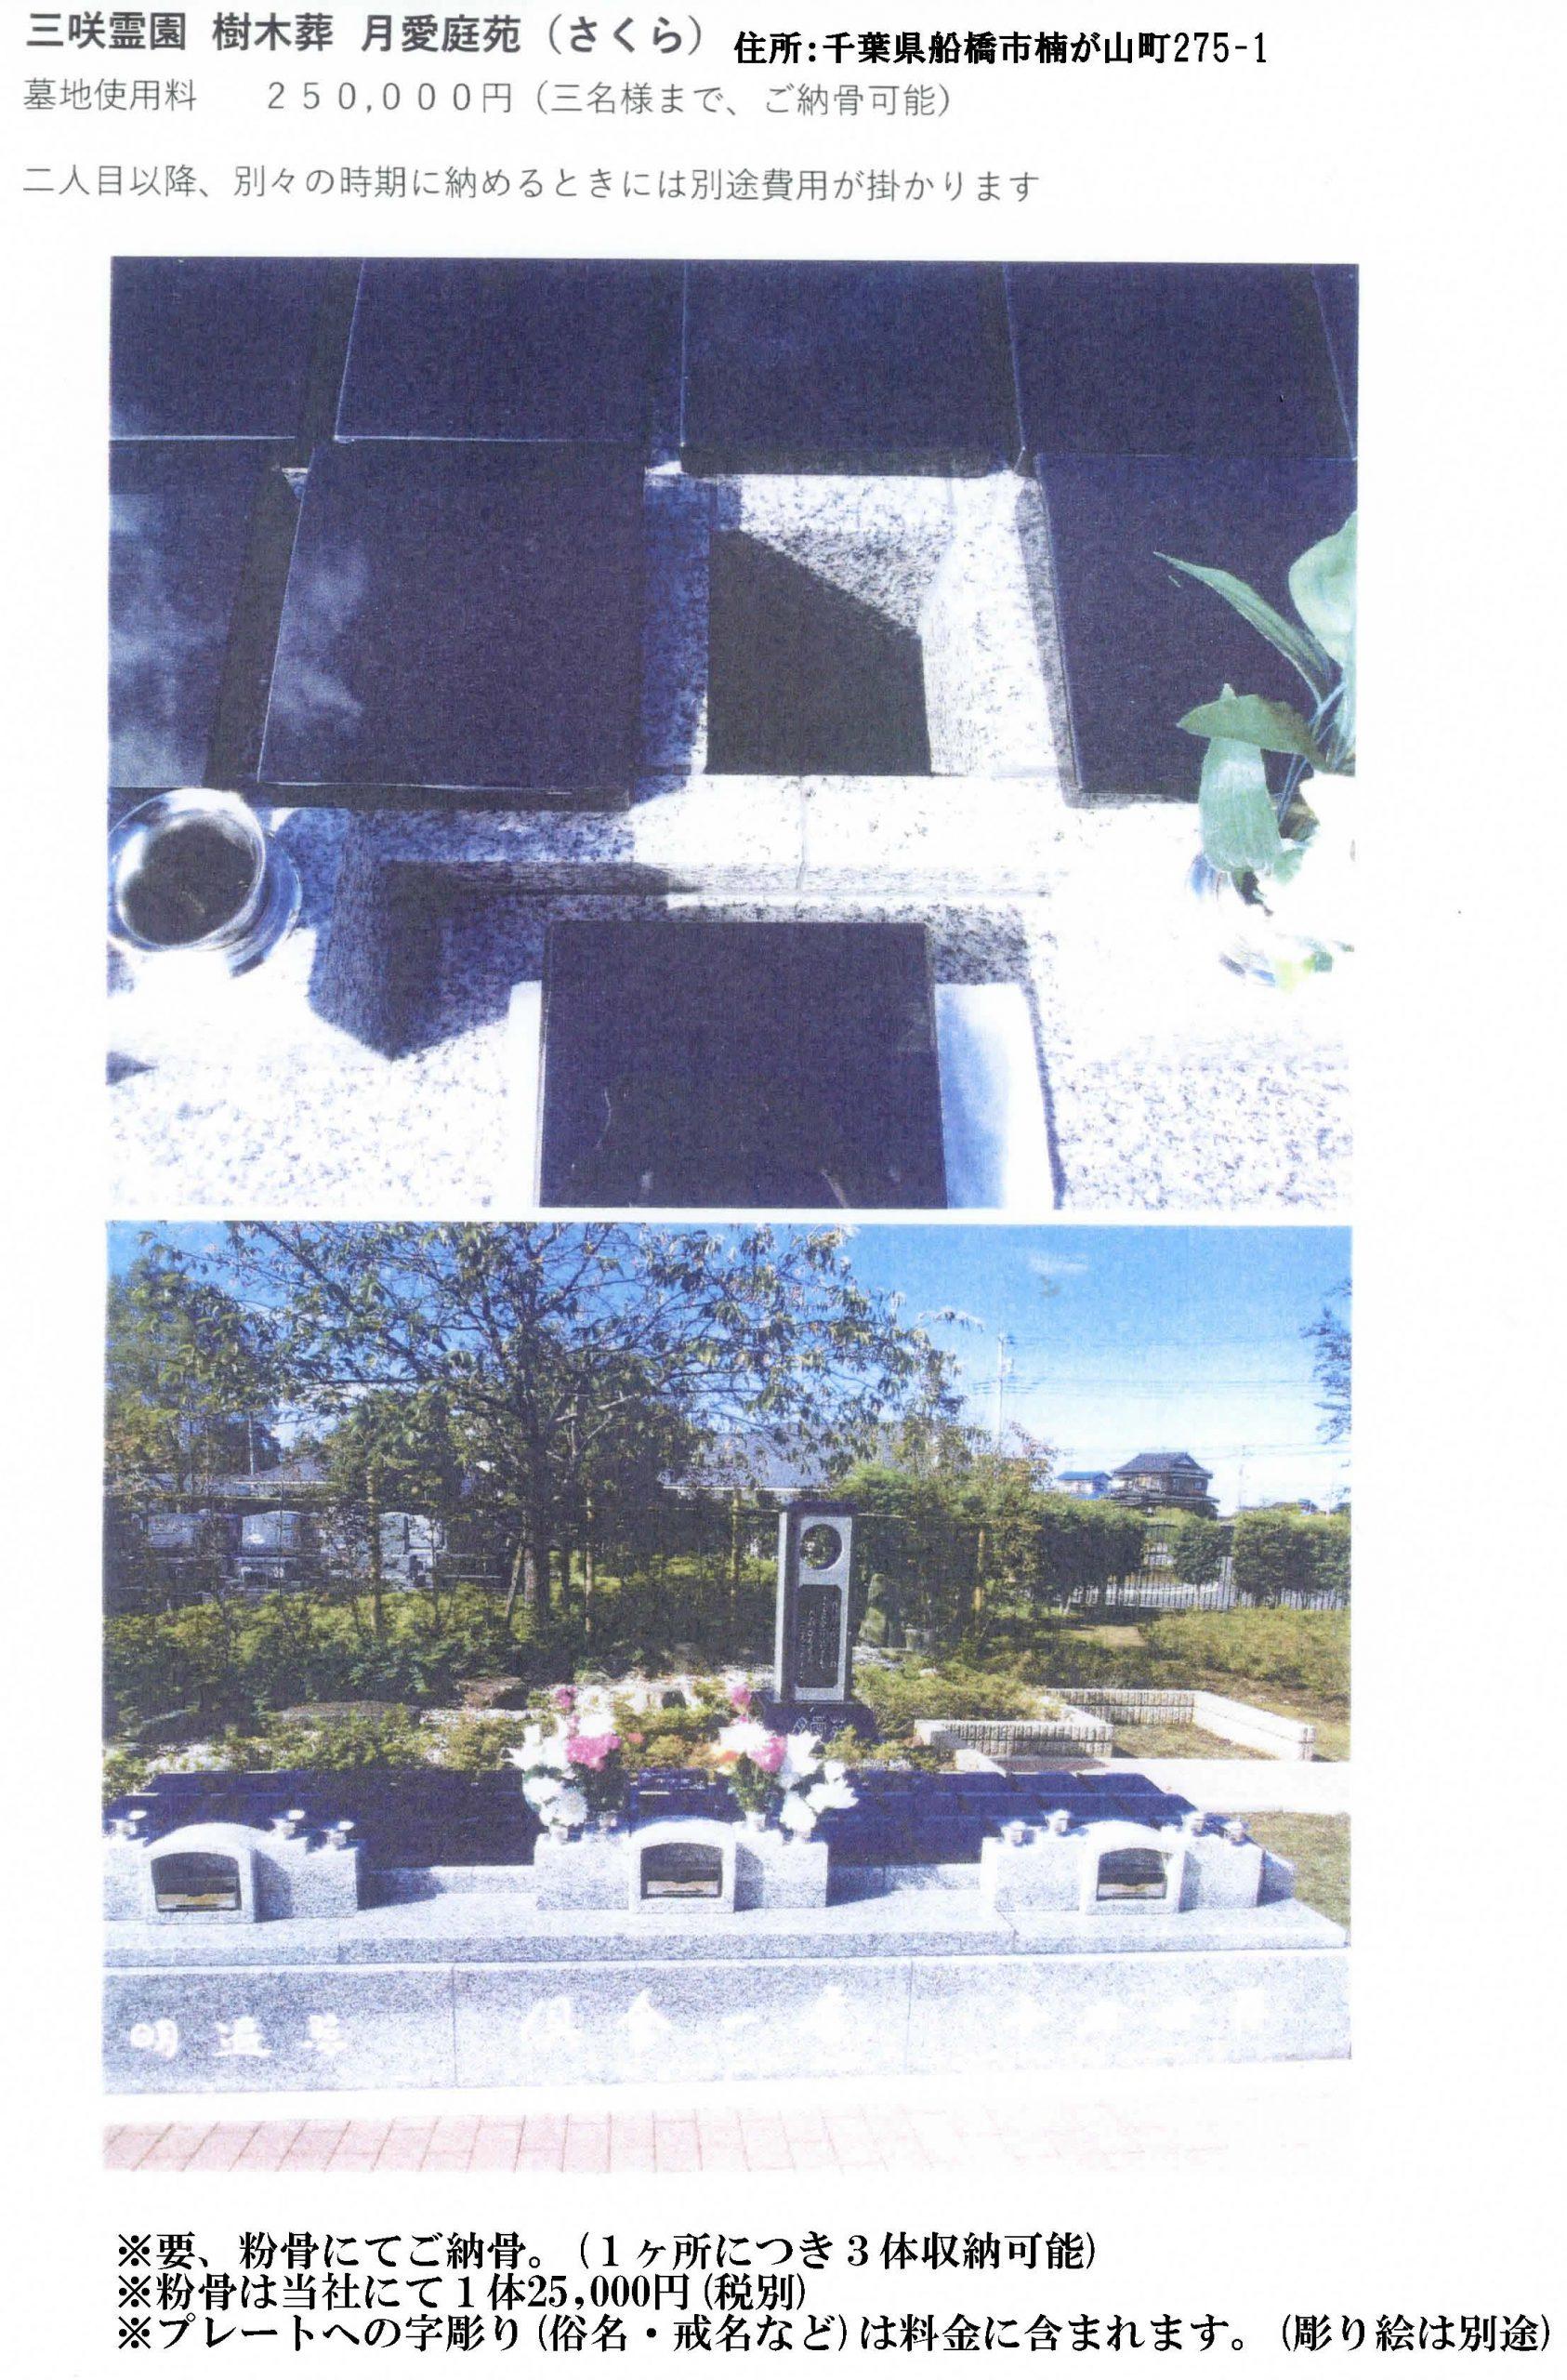 阿弥陀寺三咲霊園 樹木葬 詳細